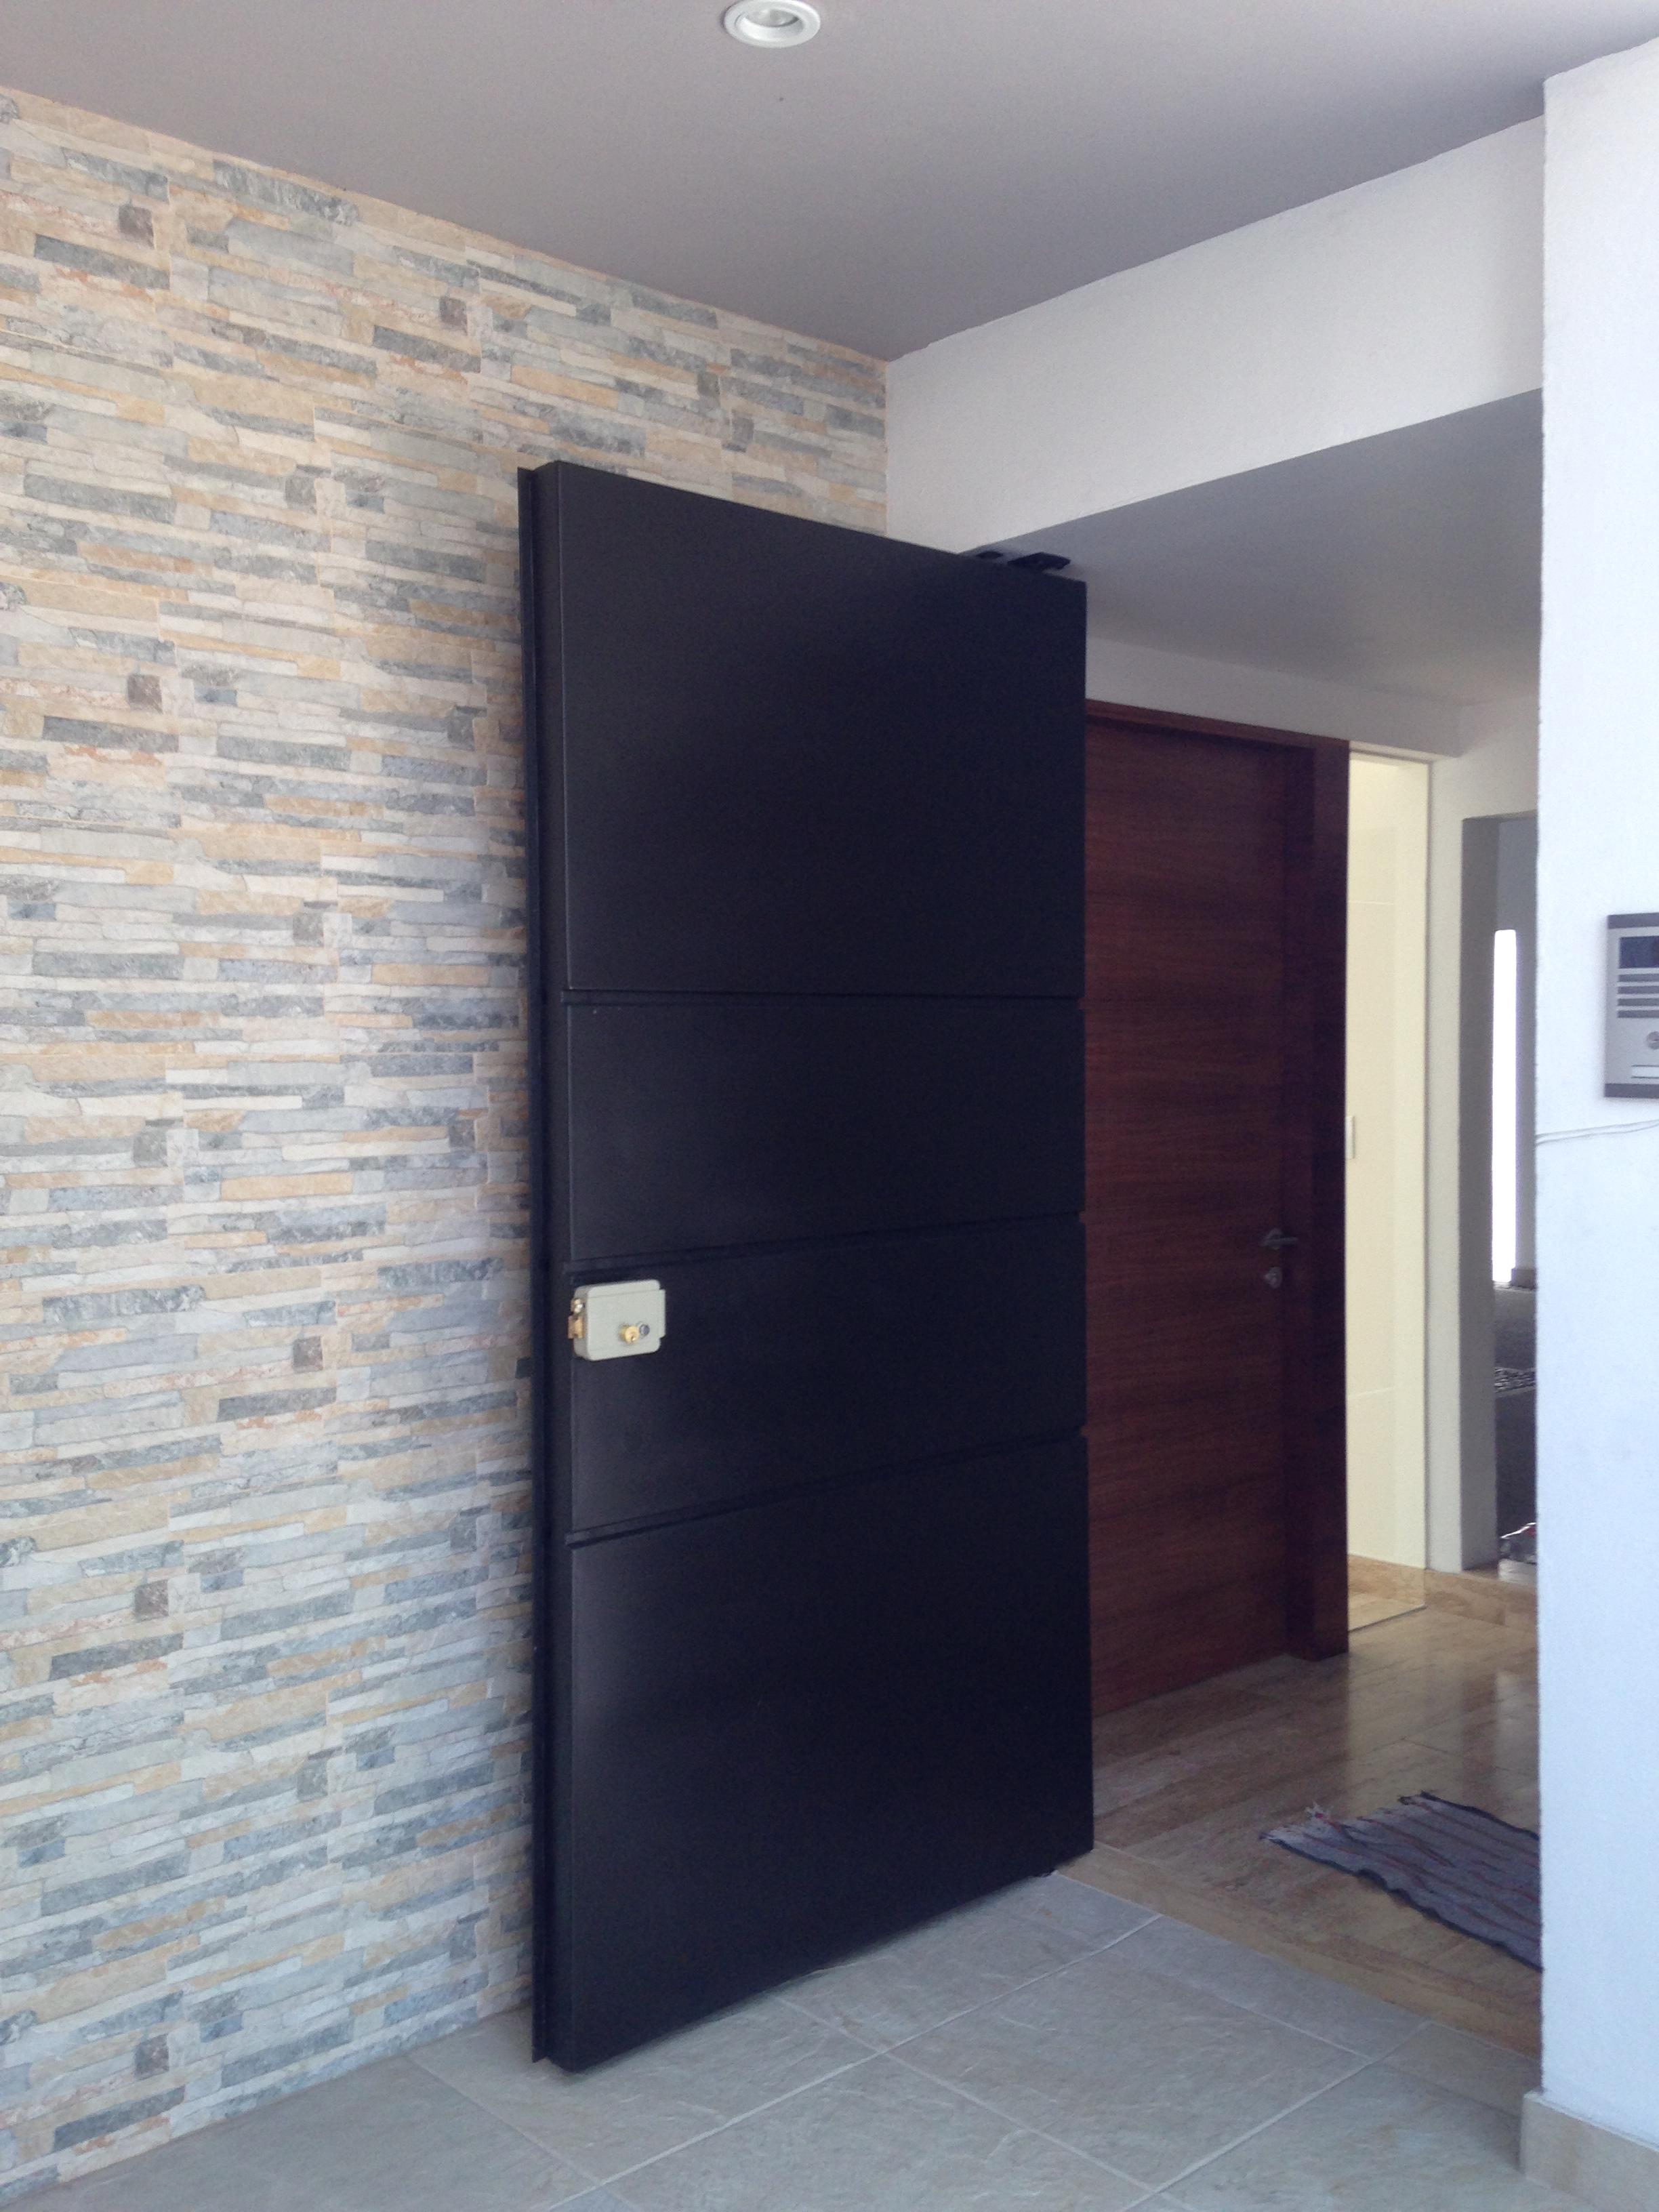 Losetas para fachadas cermica gmezoneker serie metal wood for Losetas para pisos de casas